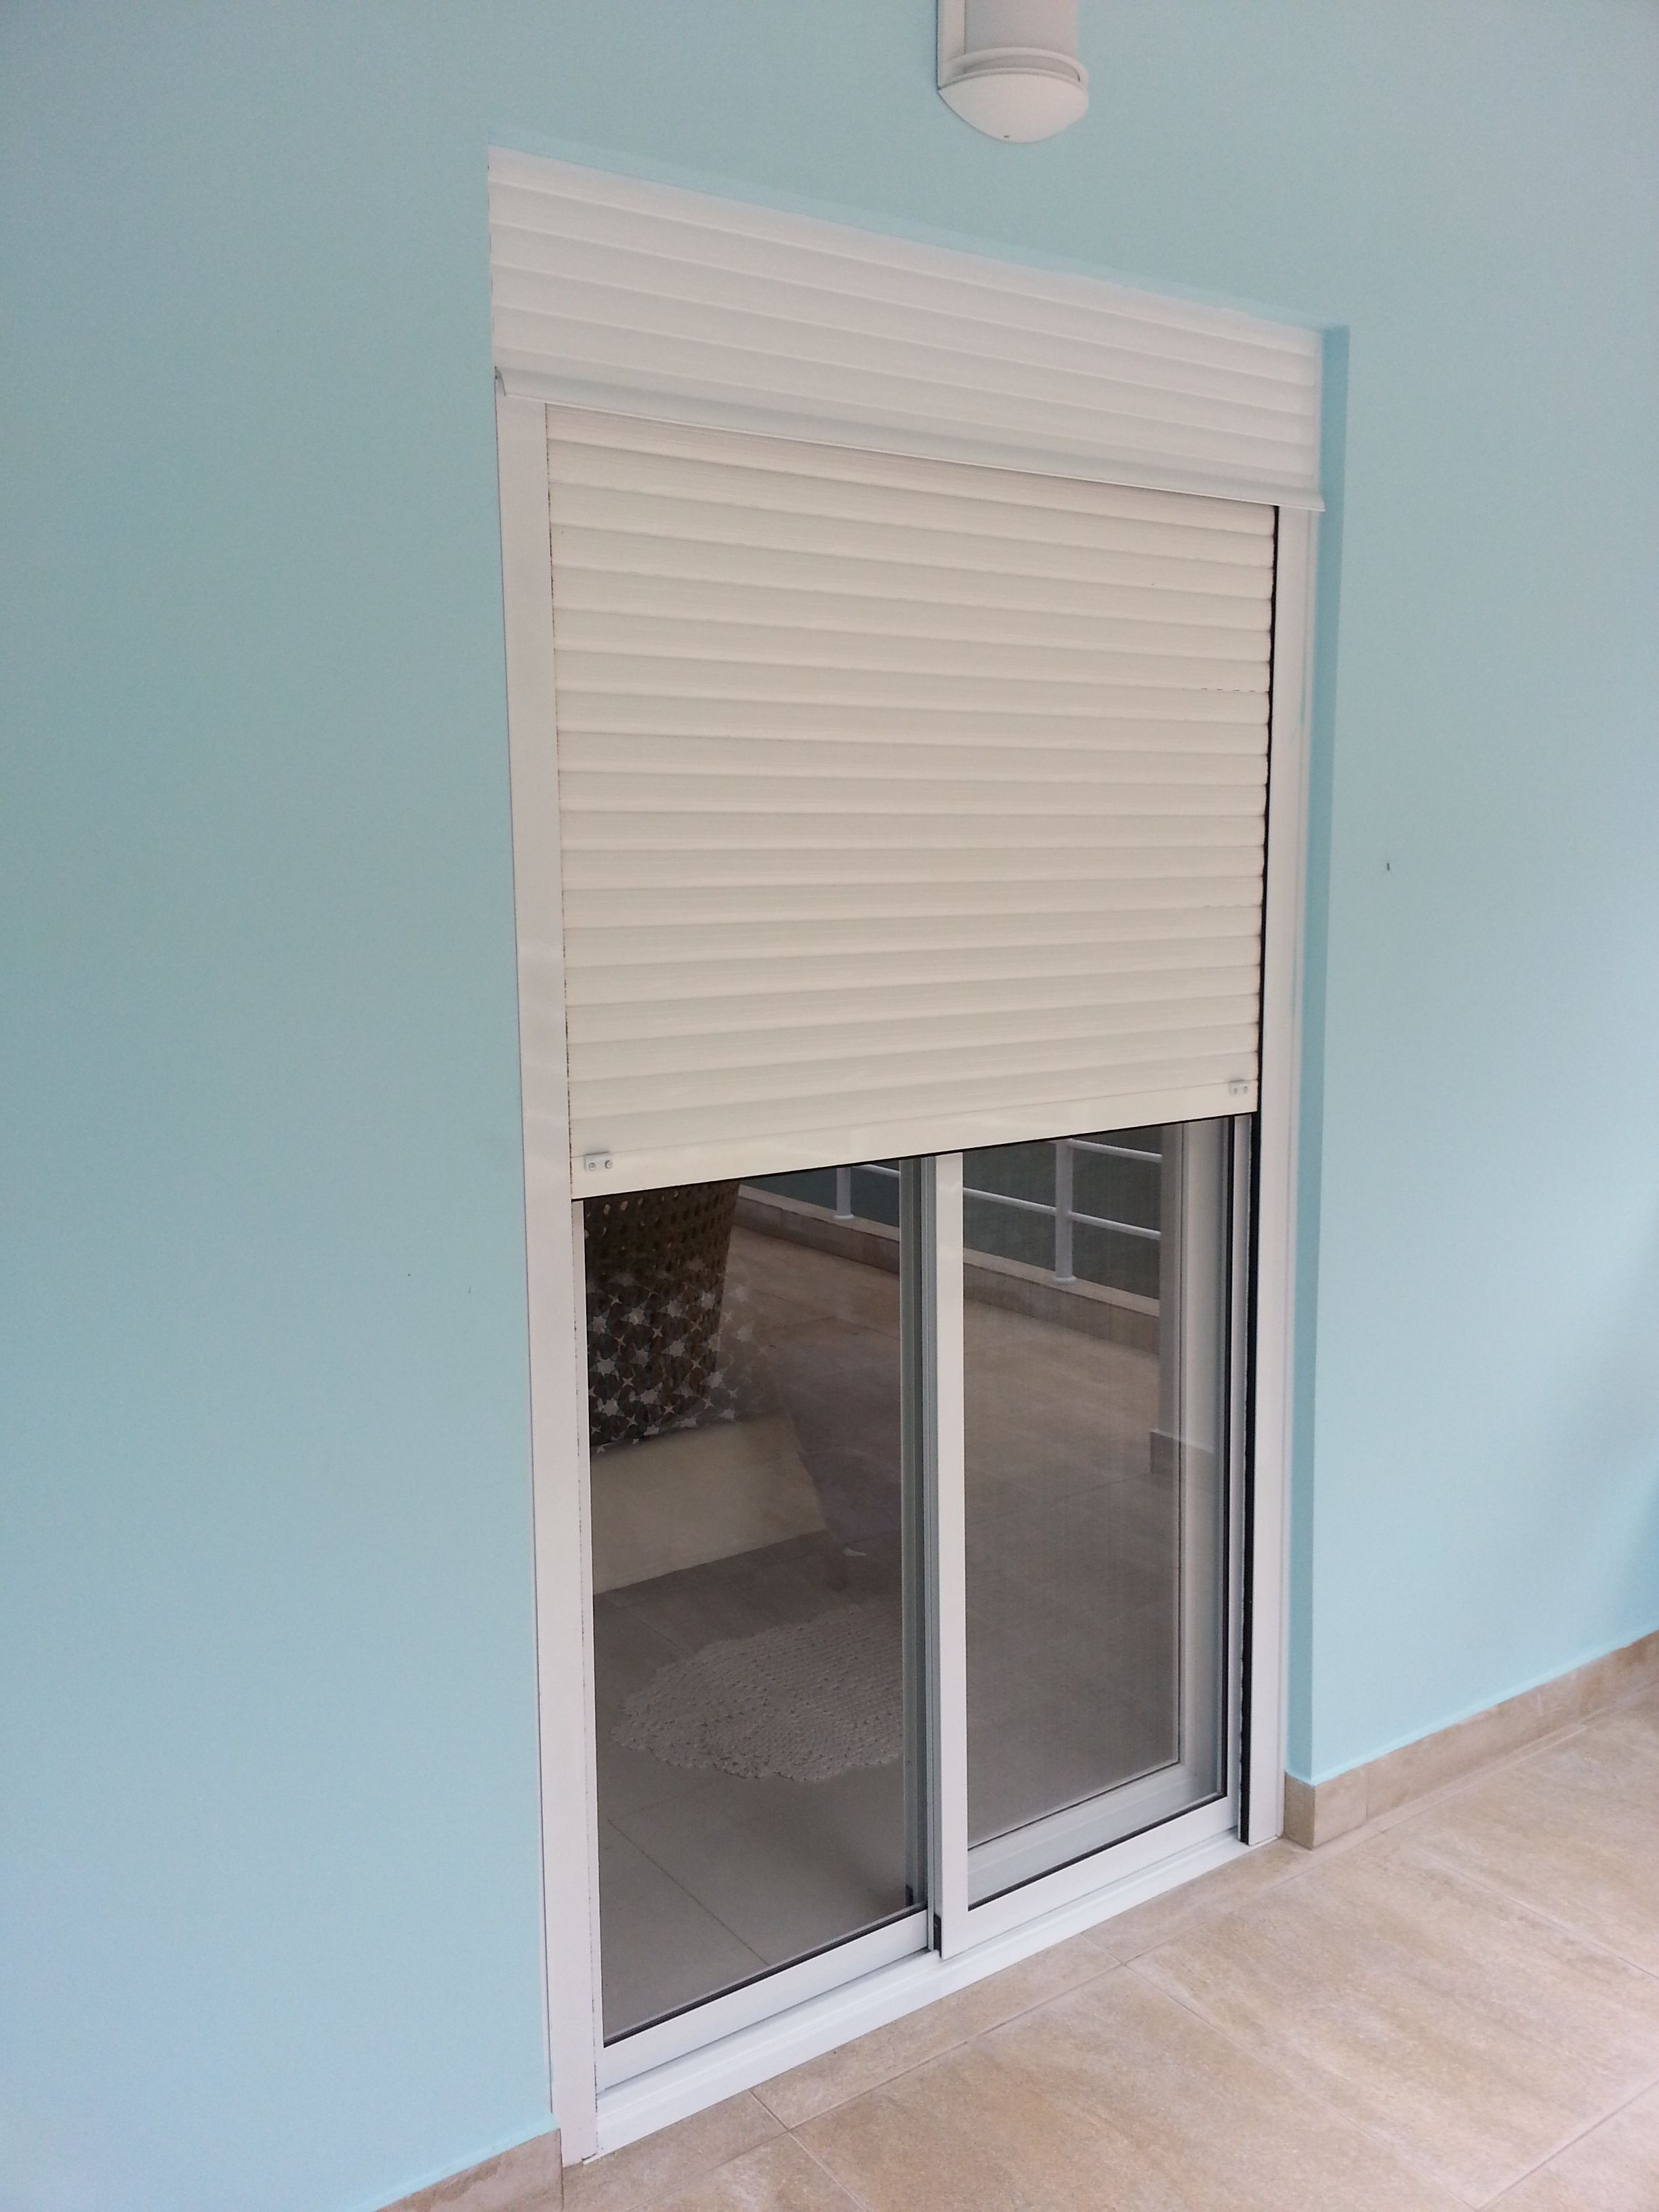 Janela De Aluminio Branco Tela Mosquiteira Para O Dormit Rio Do